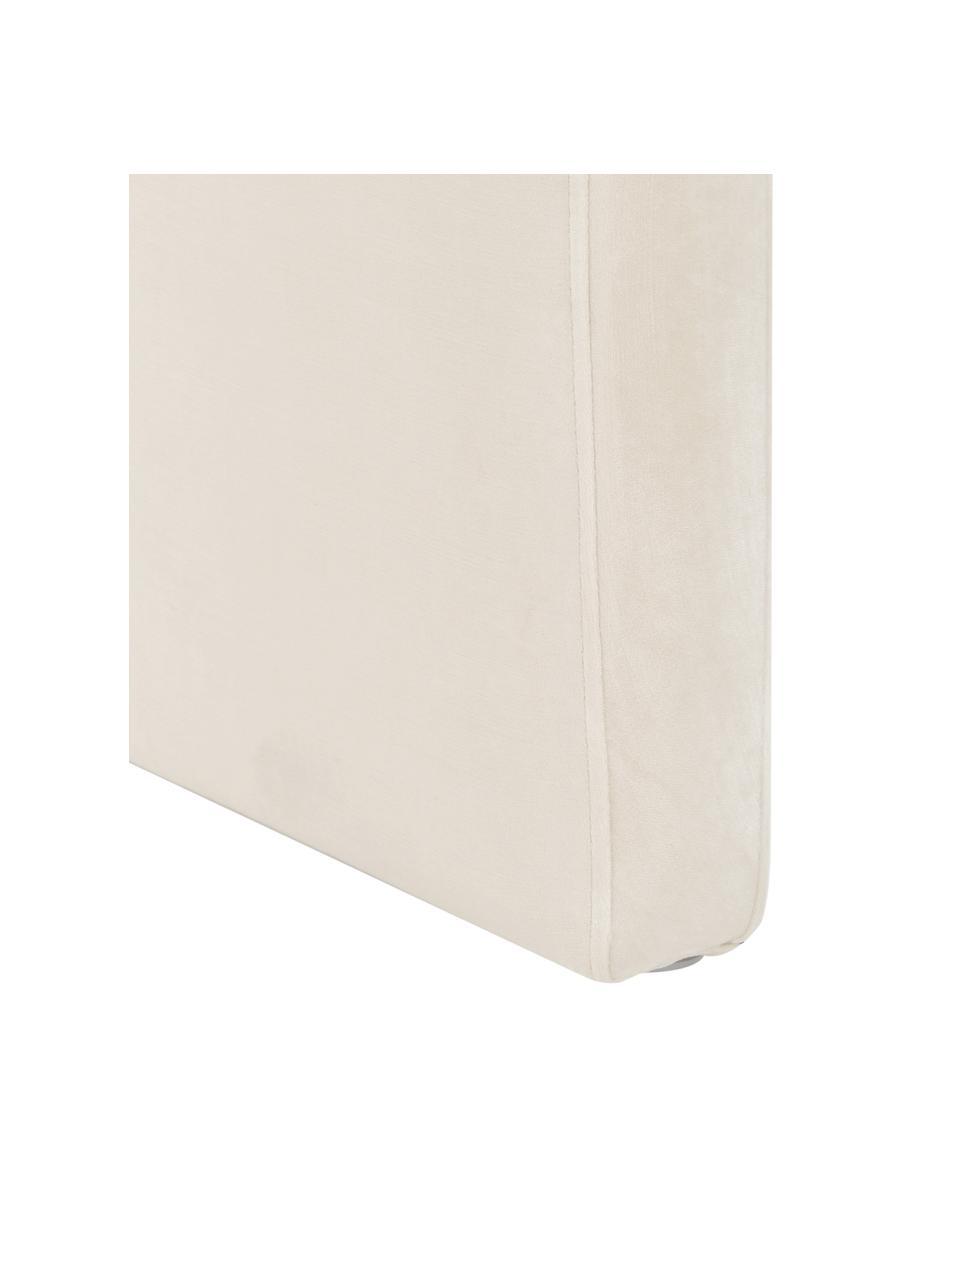 Banquette velours Penelope, Velours blanc crème